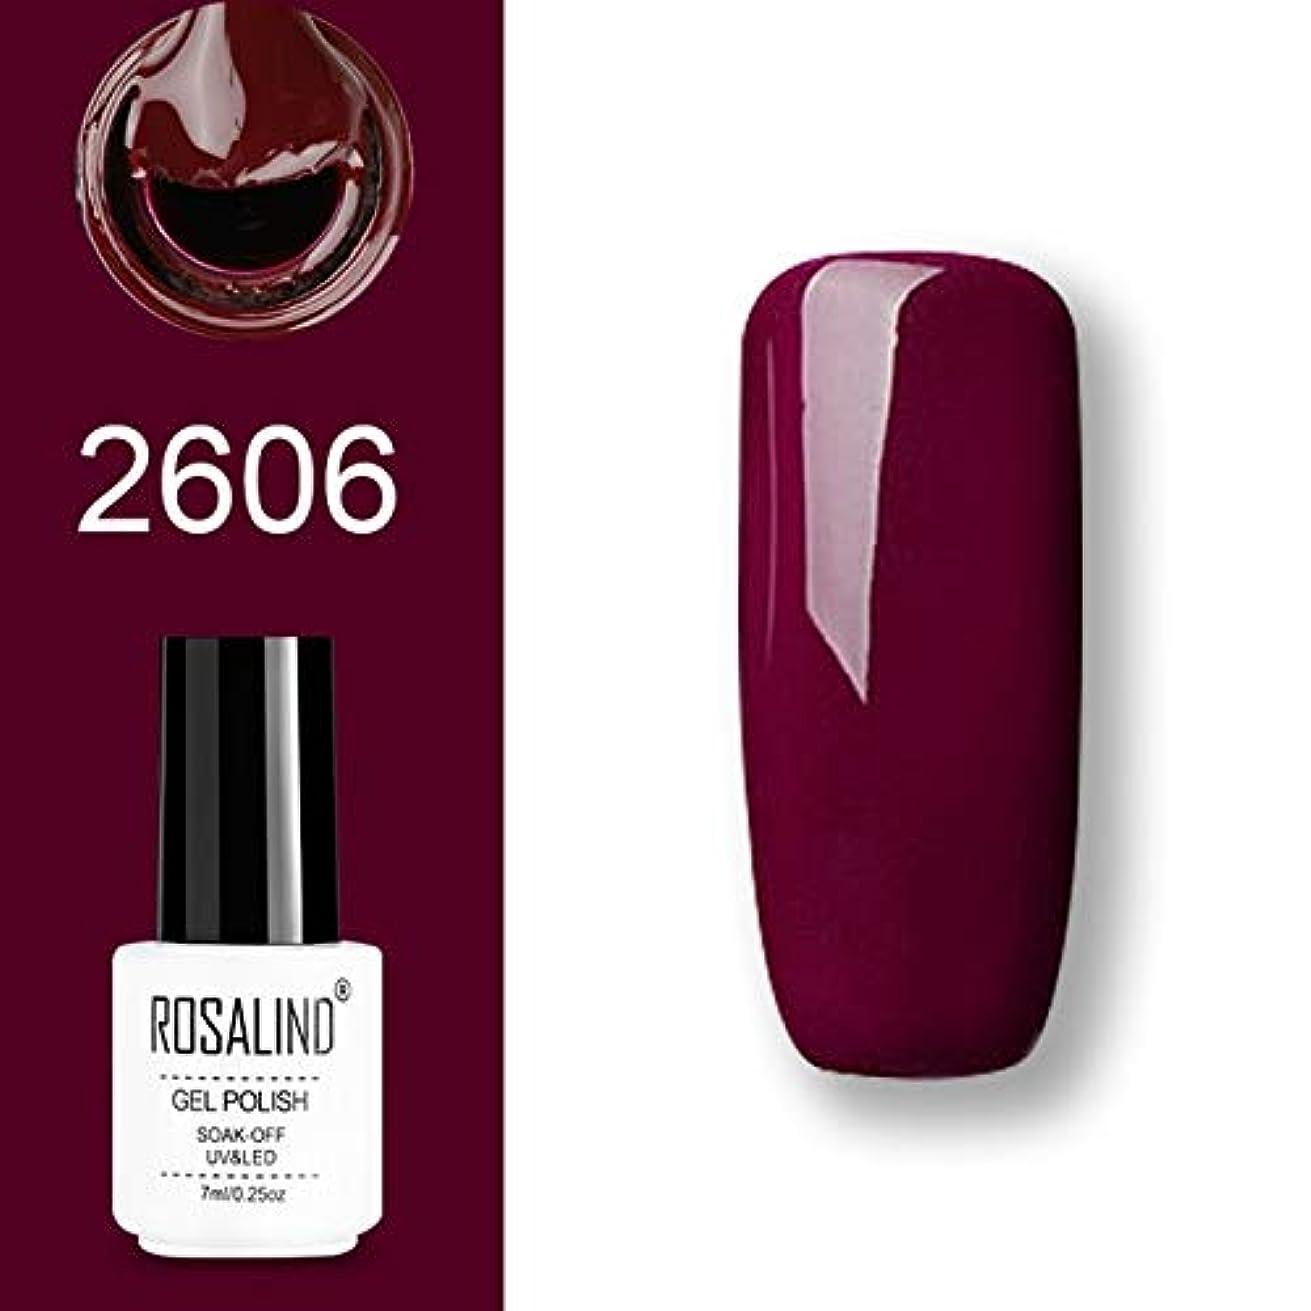 スプリットコンデンサー涙ファッションアイテム ROSALINDジェルポリッシュセットUVセミパーマネントプライマートップコートポリジェルニスネイルアートマニキュアジェル、容量:7ml 2606。 環境に優しいマニキュア